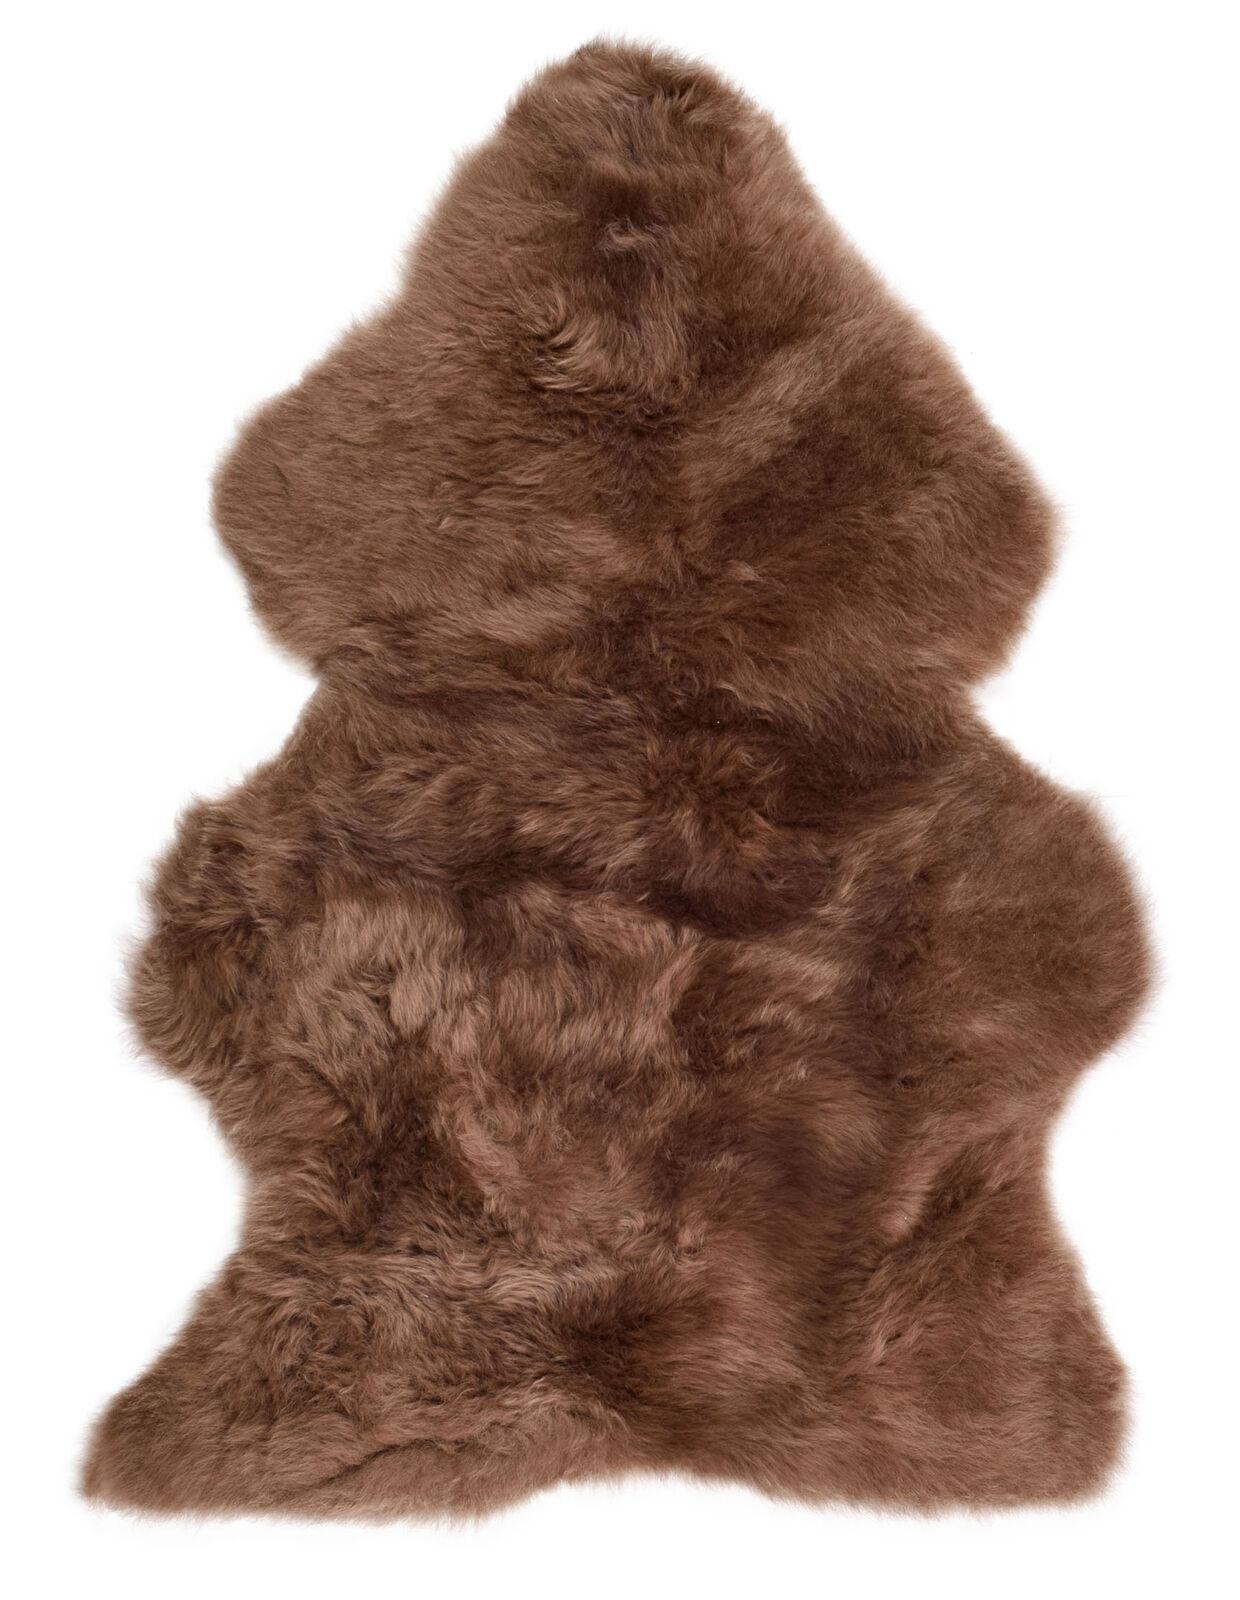 GB de fait Véritable luxe très doux Tapis en peau de GB mouton ORIGINAL cachette 9a2c2b